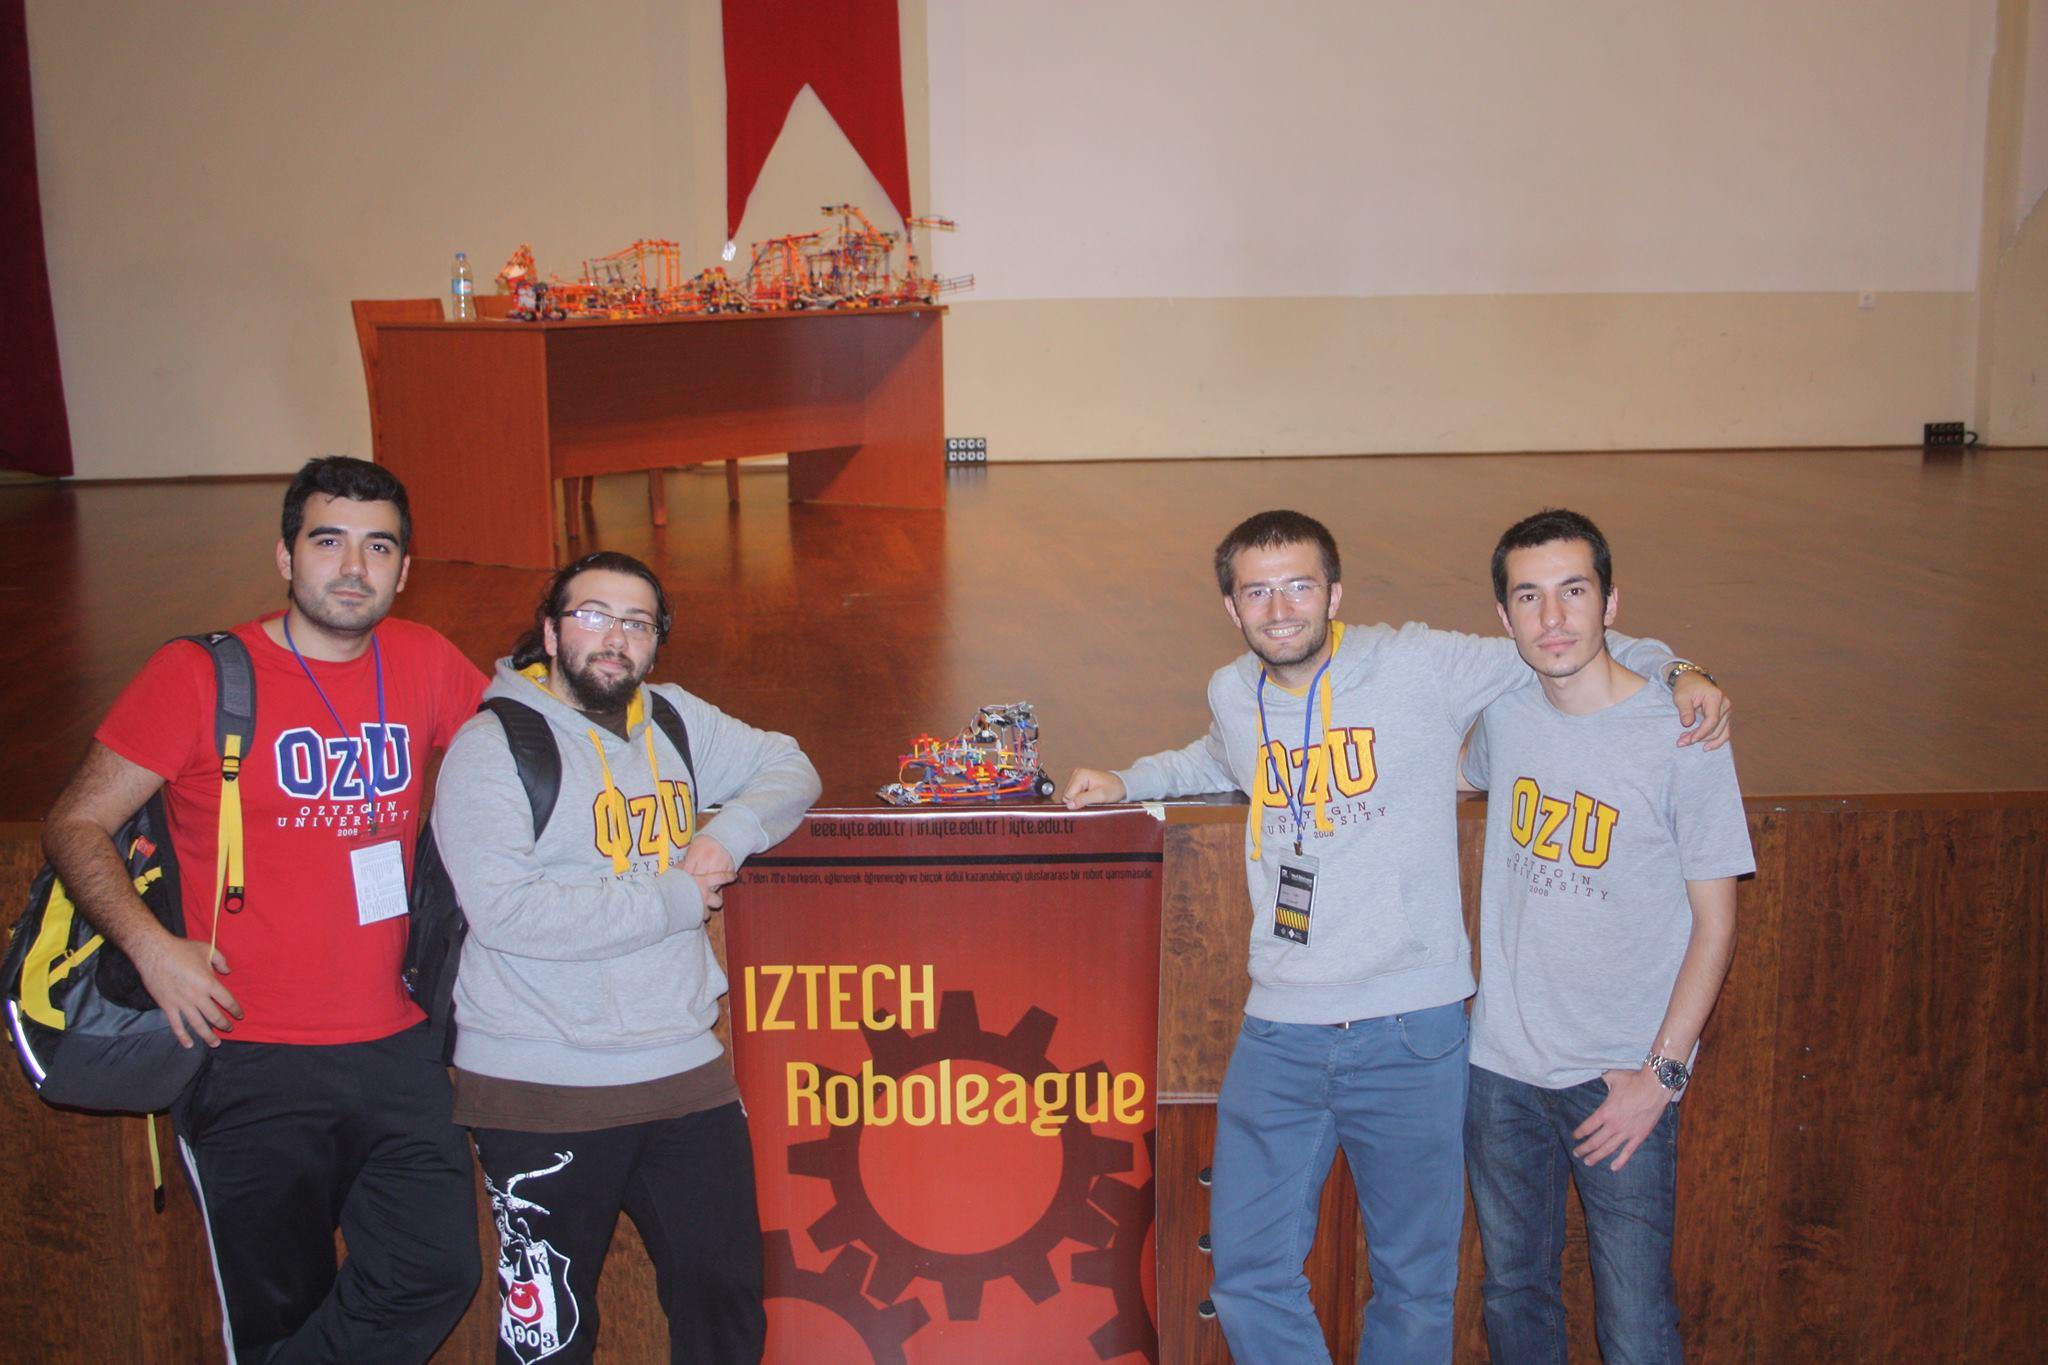 Özyeğin Üniversitesi Teknoloji ve Robotik Kulübü Roboleauge Yarışması'nda Üçüncü Oldu